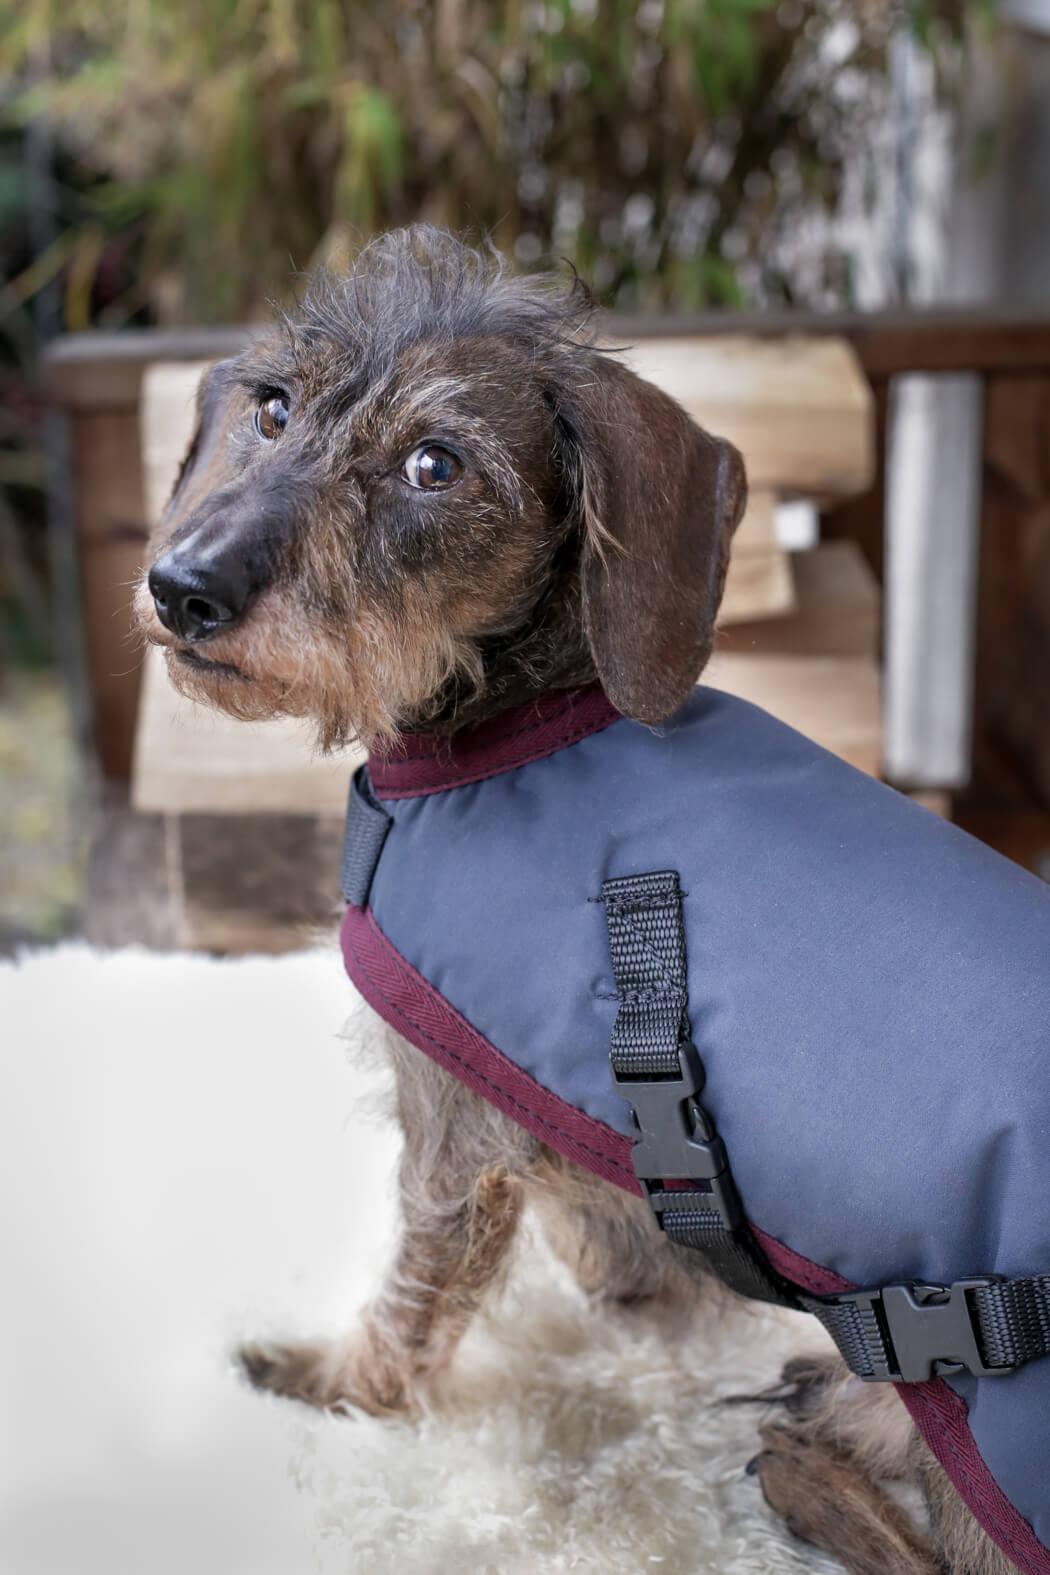 Hunde Strickpullover oder Mantel - Was braucht deiner?